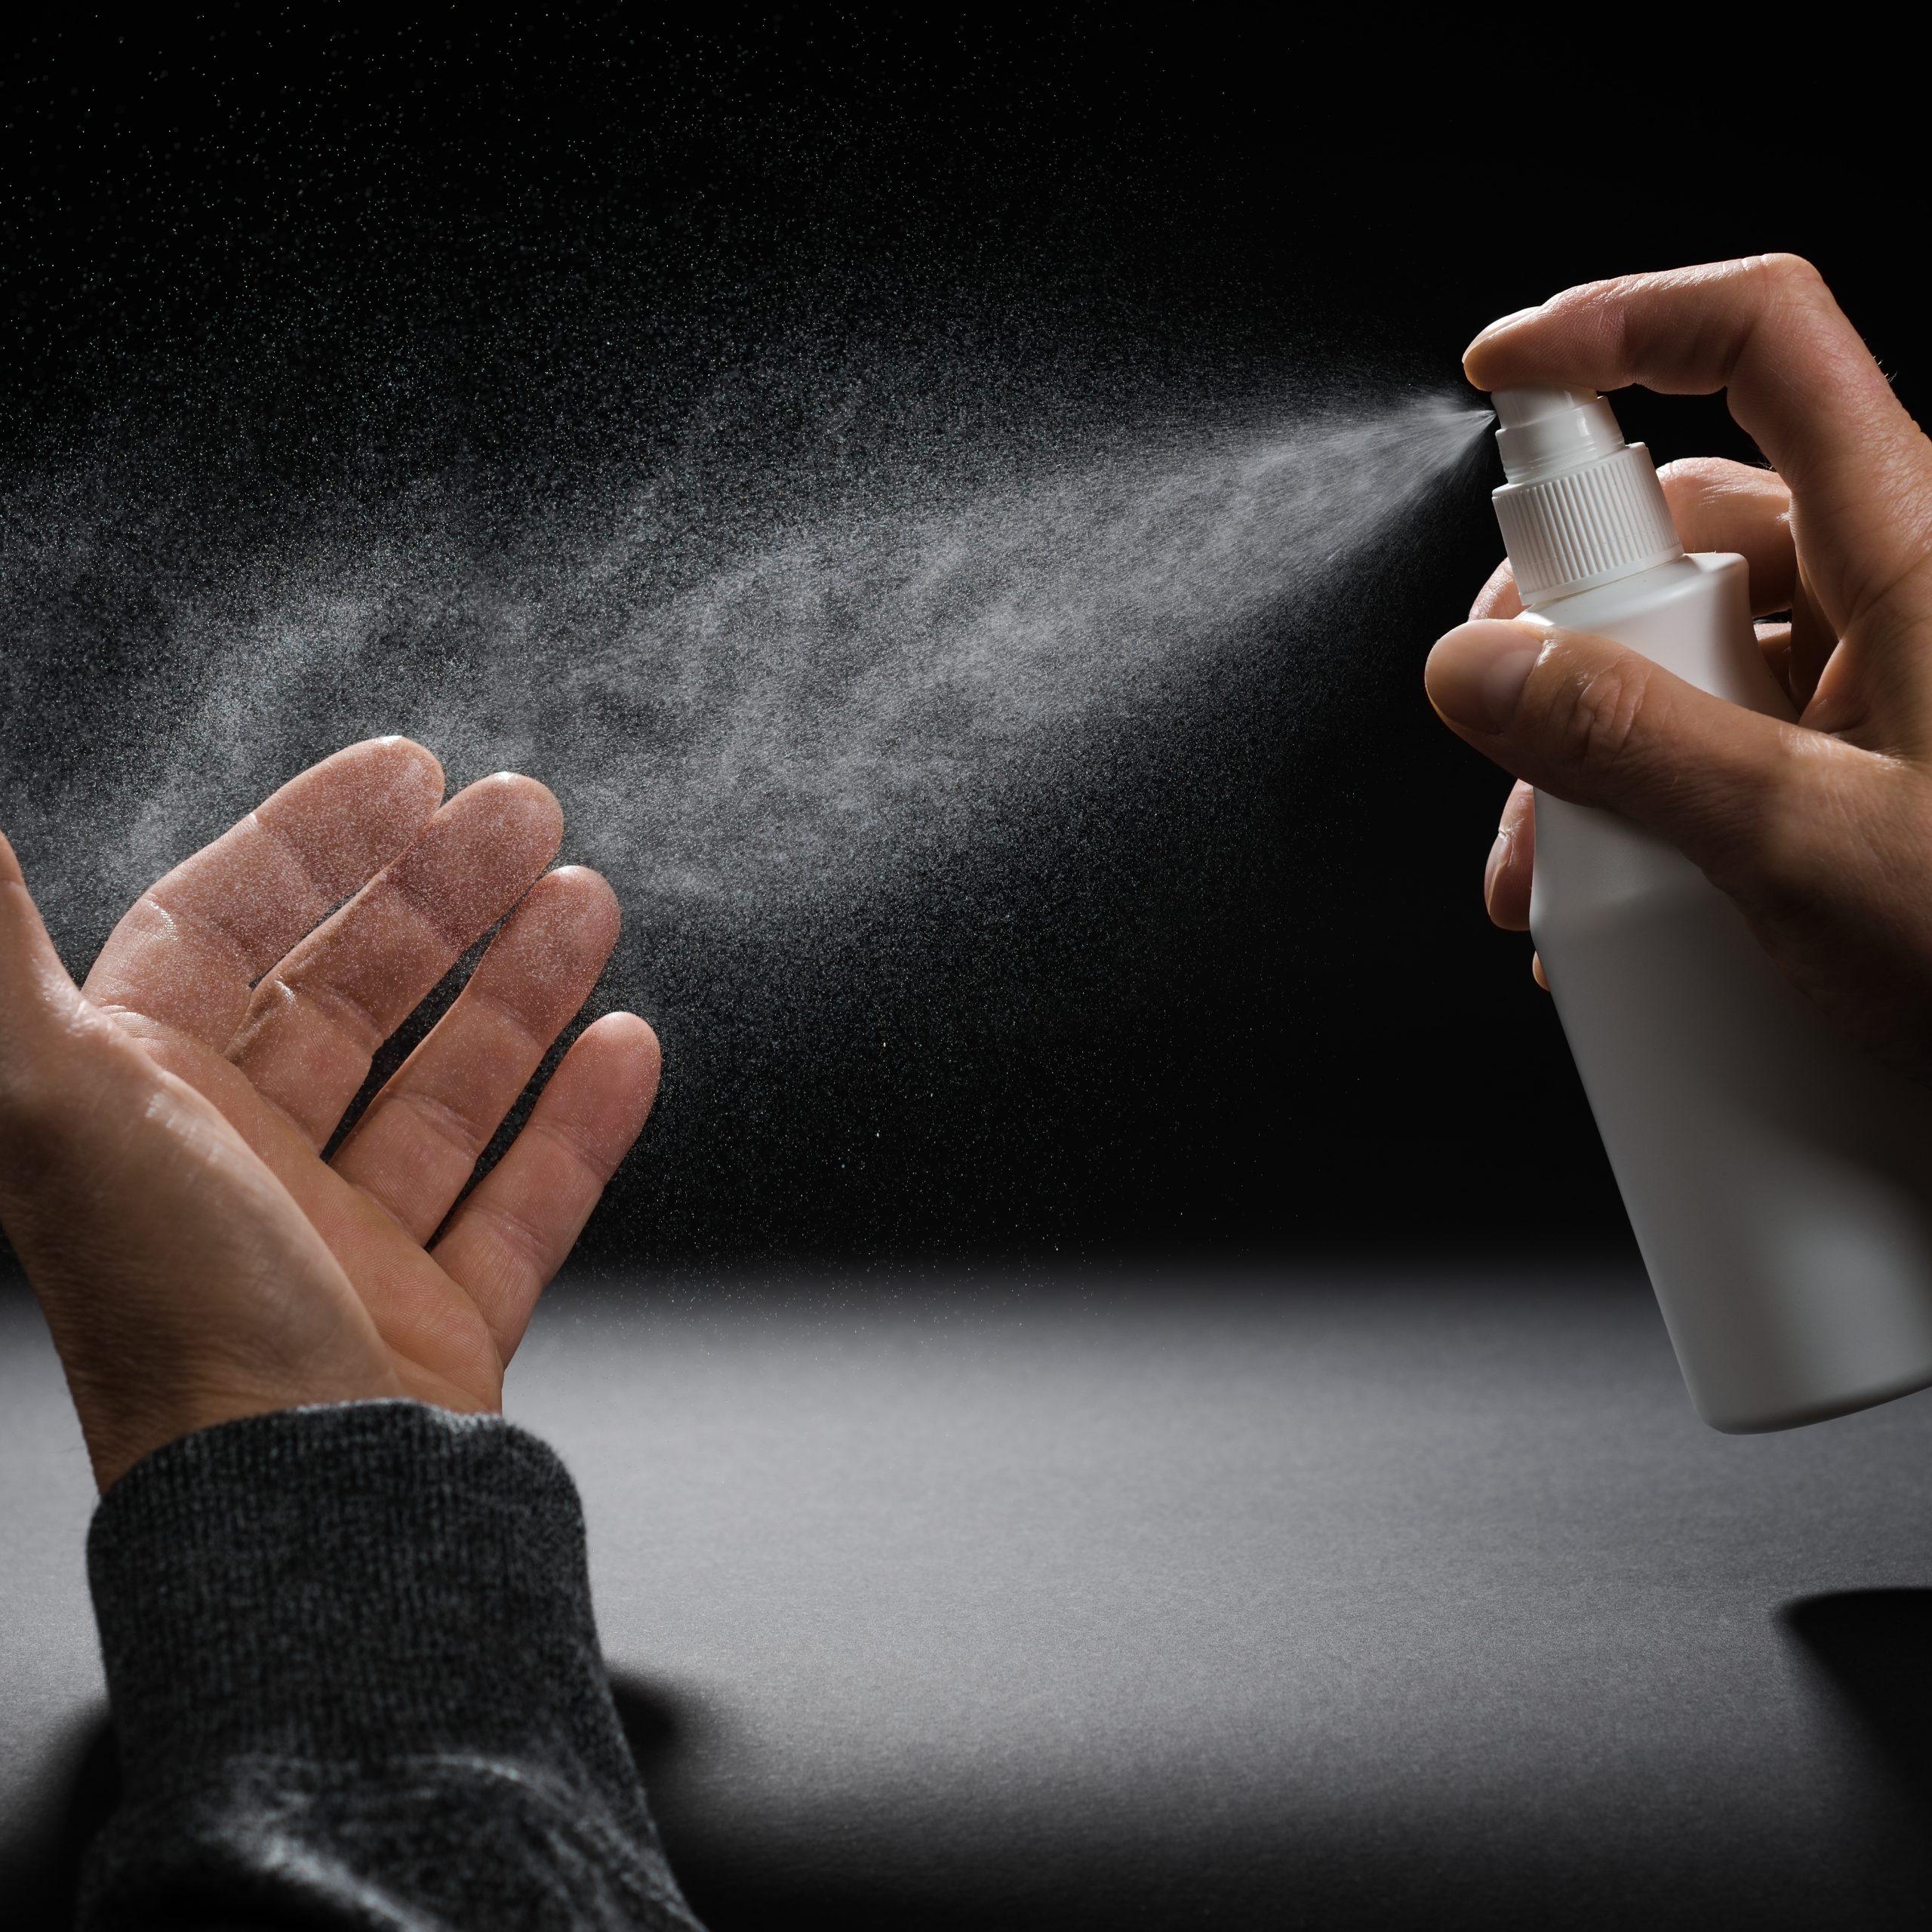 """Studien beweisen, dass Desinfektionsmittel nicht nur für Viren, Bakterien und Co. schädlich sind, sondern auch für die """"guten"""" Mikroorganismen, ohne die ein Leben nicht möglich wäre."""